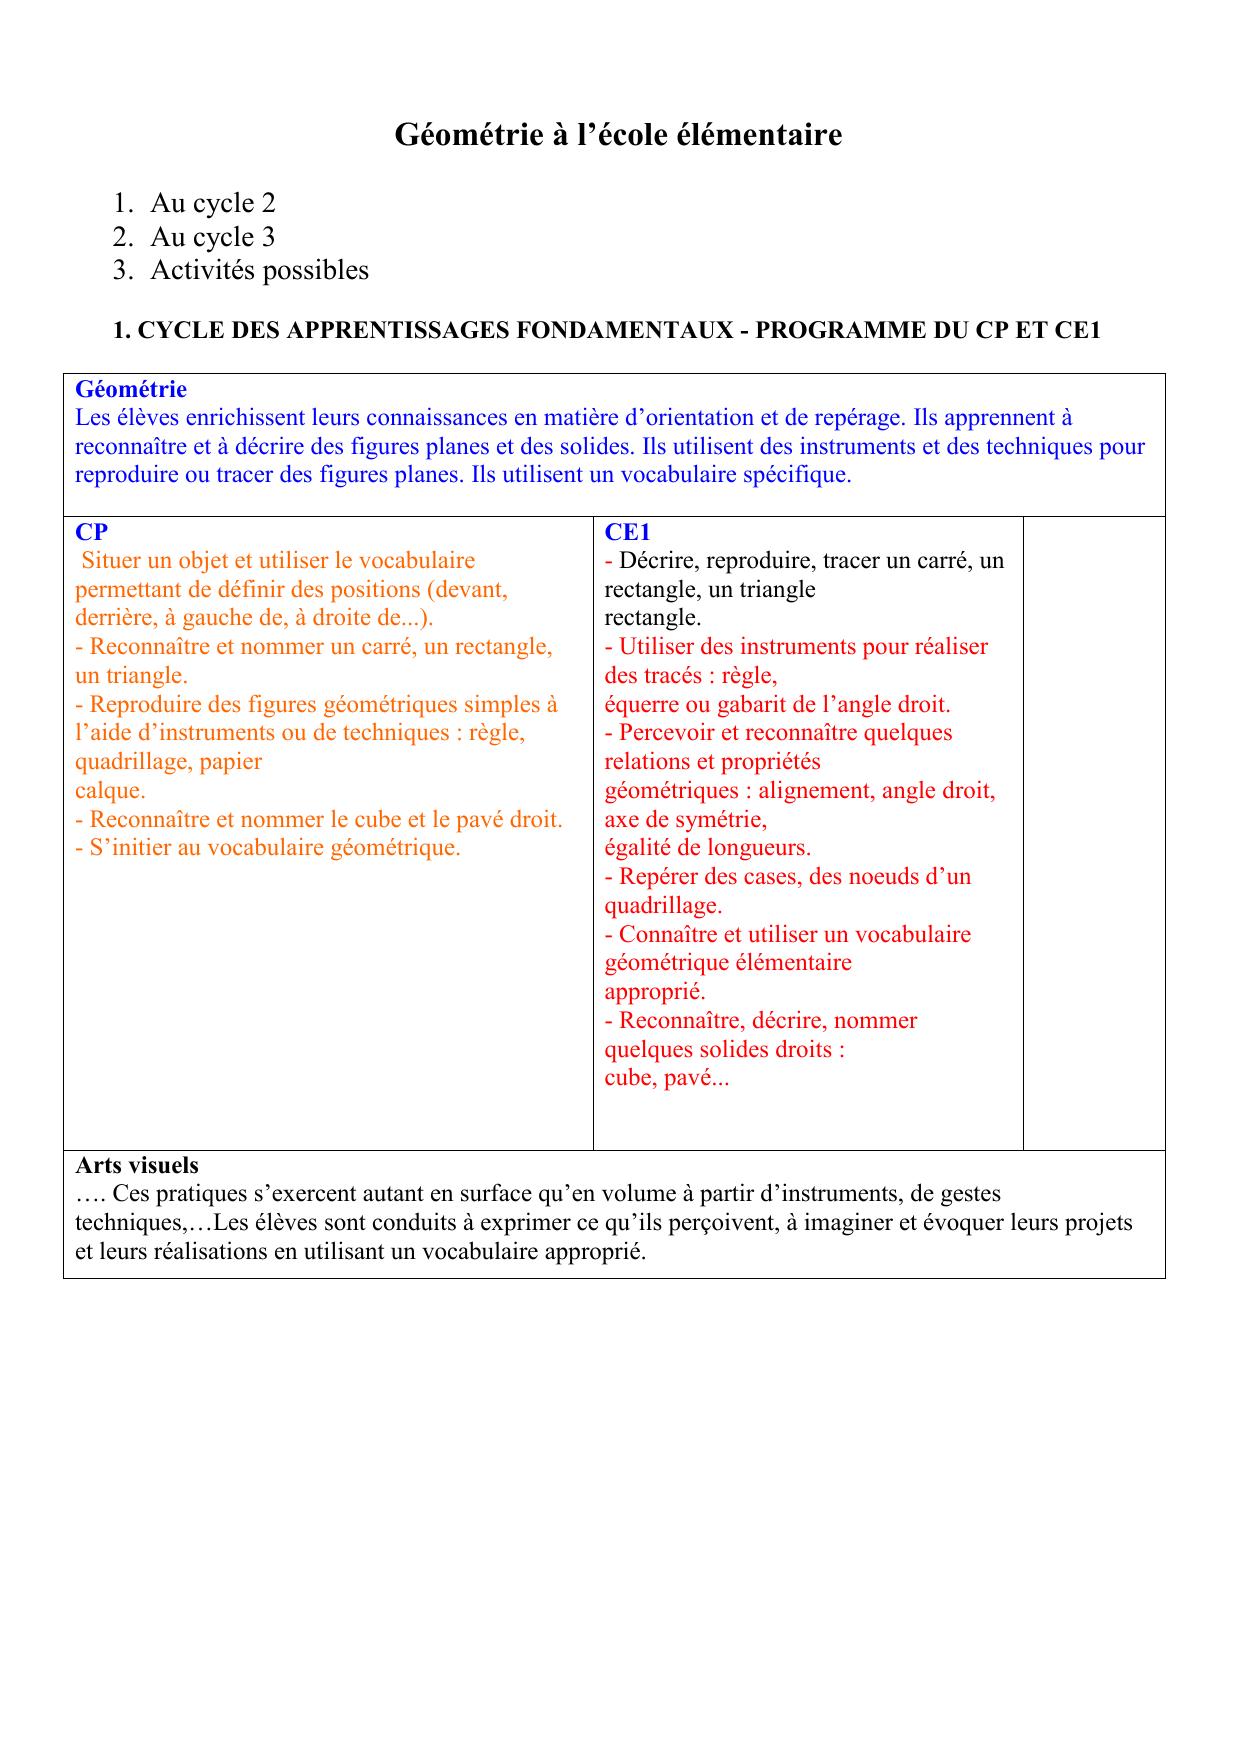 Cycle Des Apprentissages Fondamentaux encequiconcerne Reproduire Un Dessin Sur Quadrillage Cp